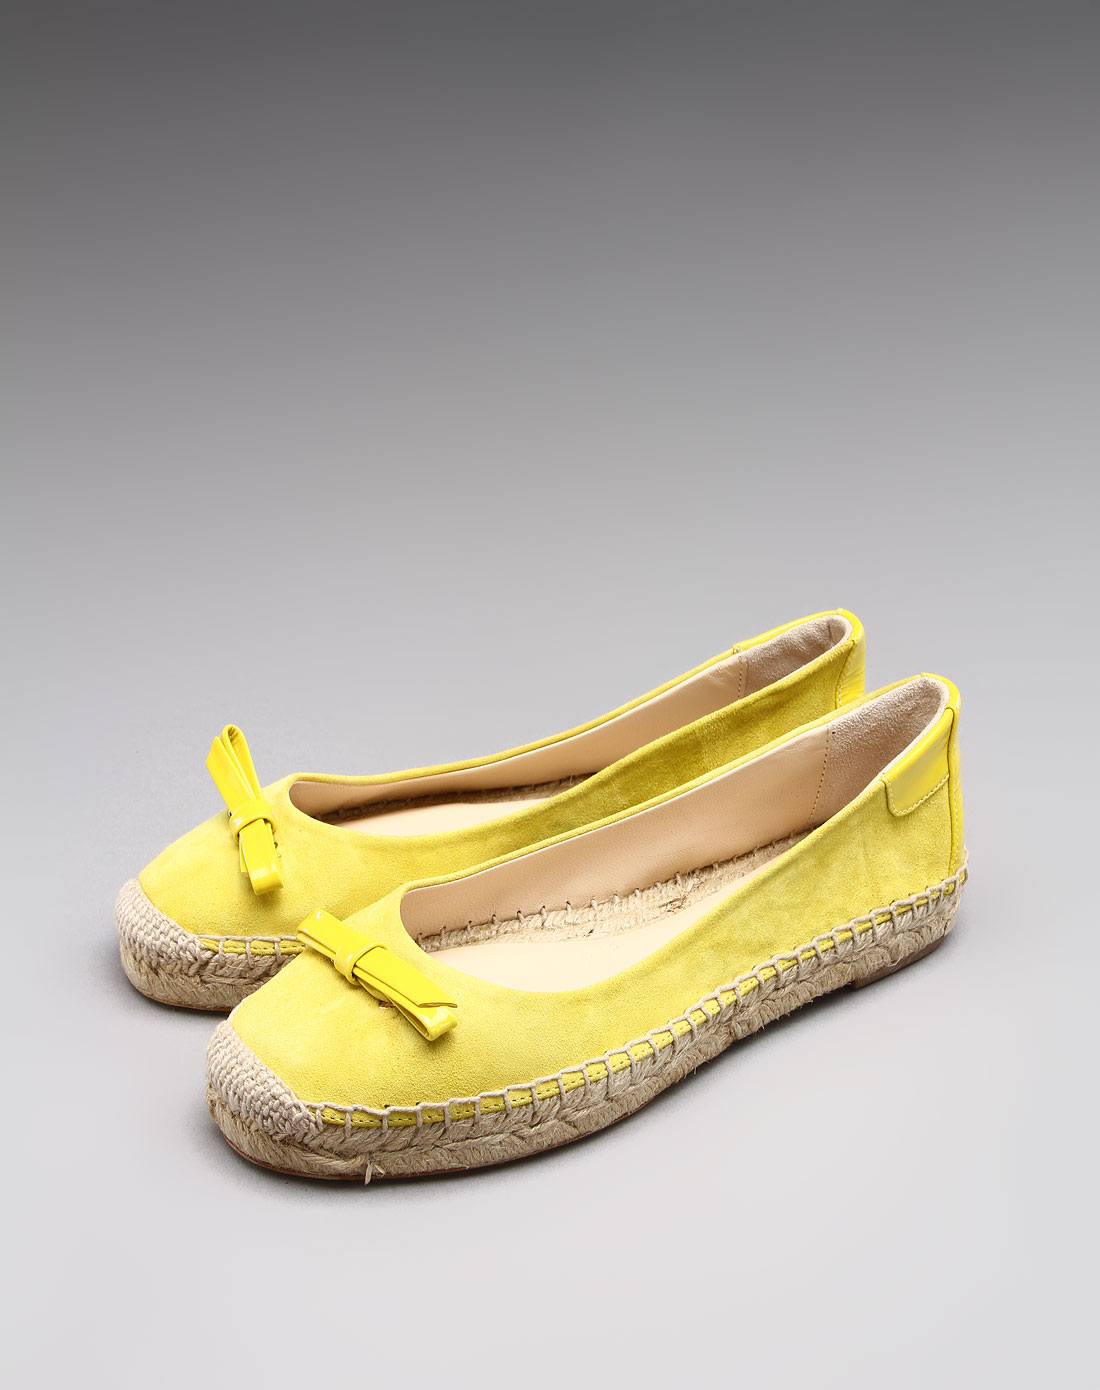 女款简约优雅牛皮平底鞋